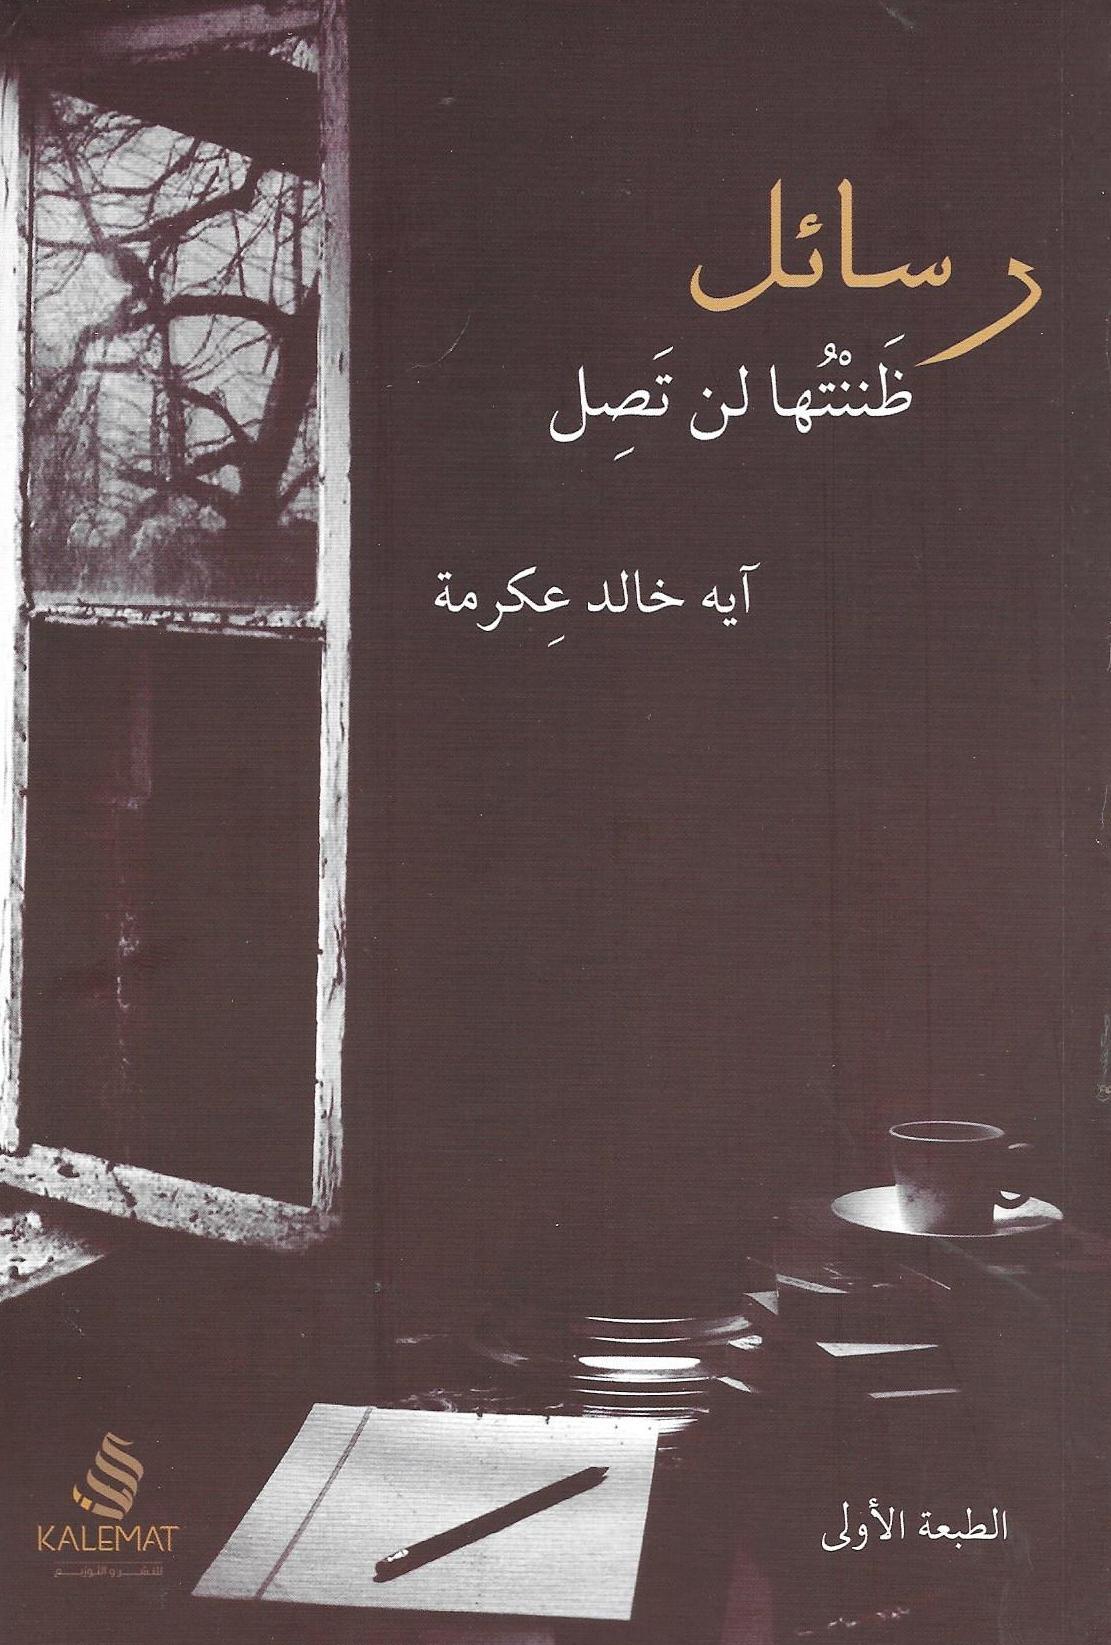 صورة كتاب رسائل ظننتها لن تصل – آية خالد عكرمة